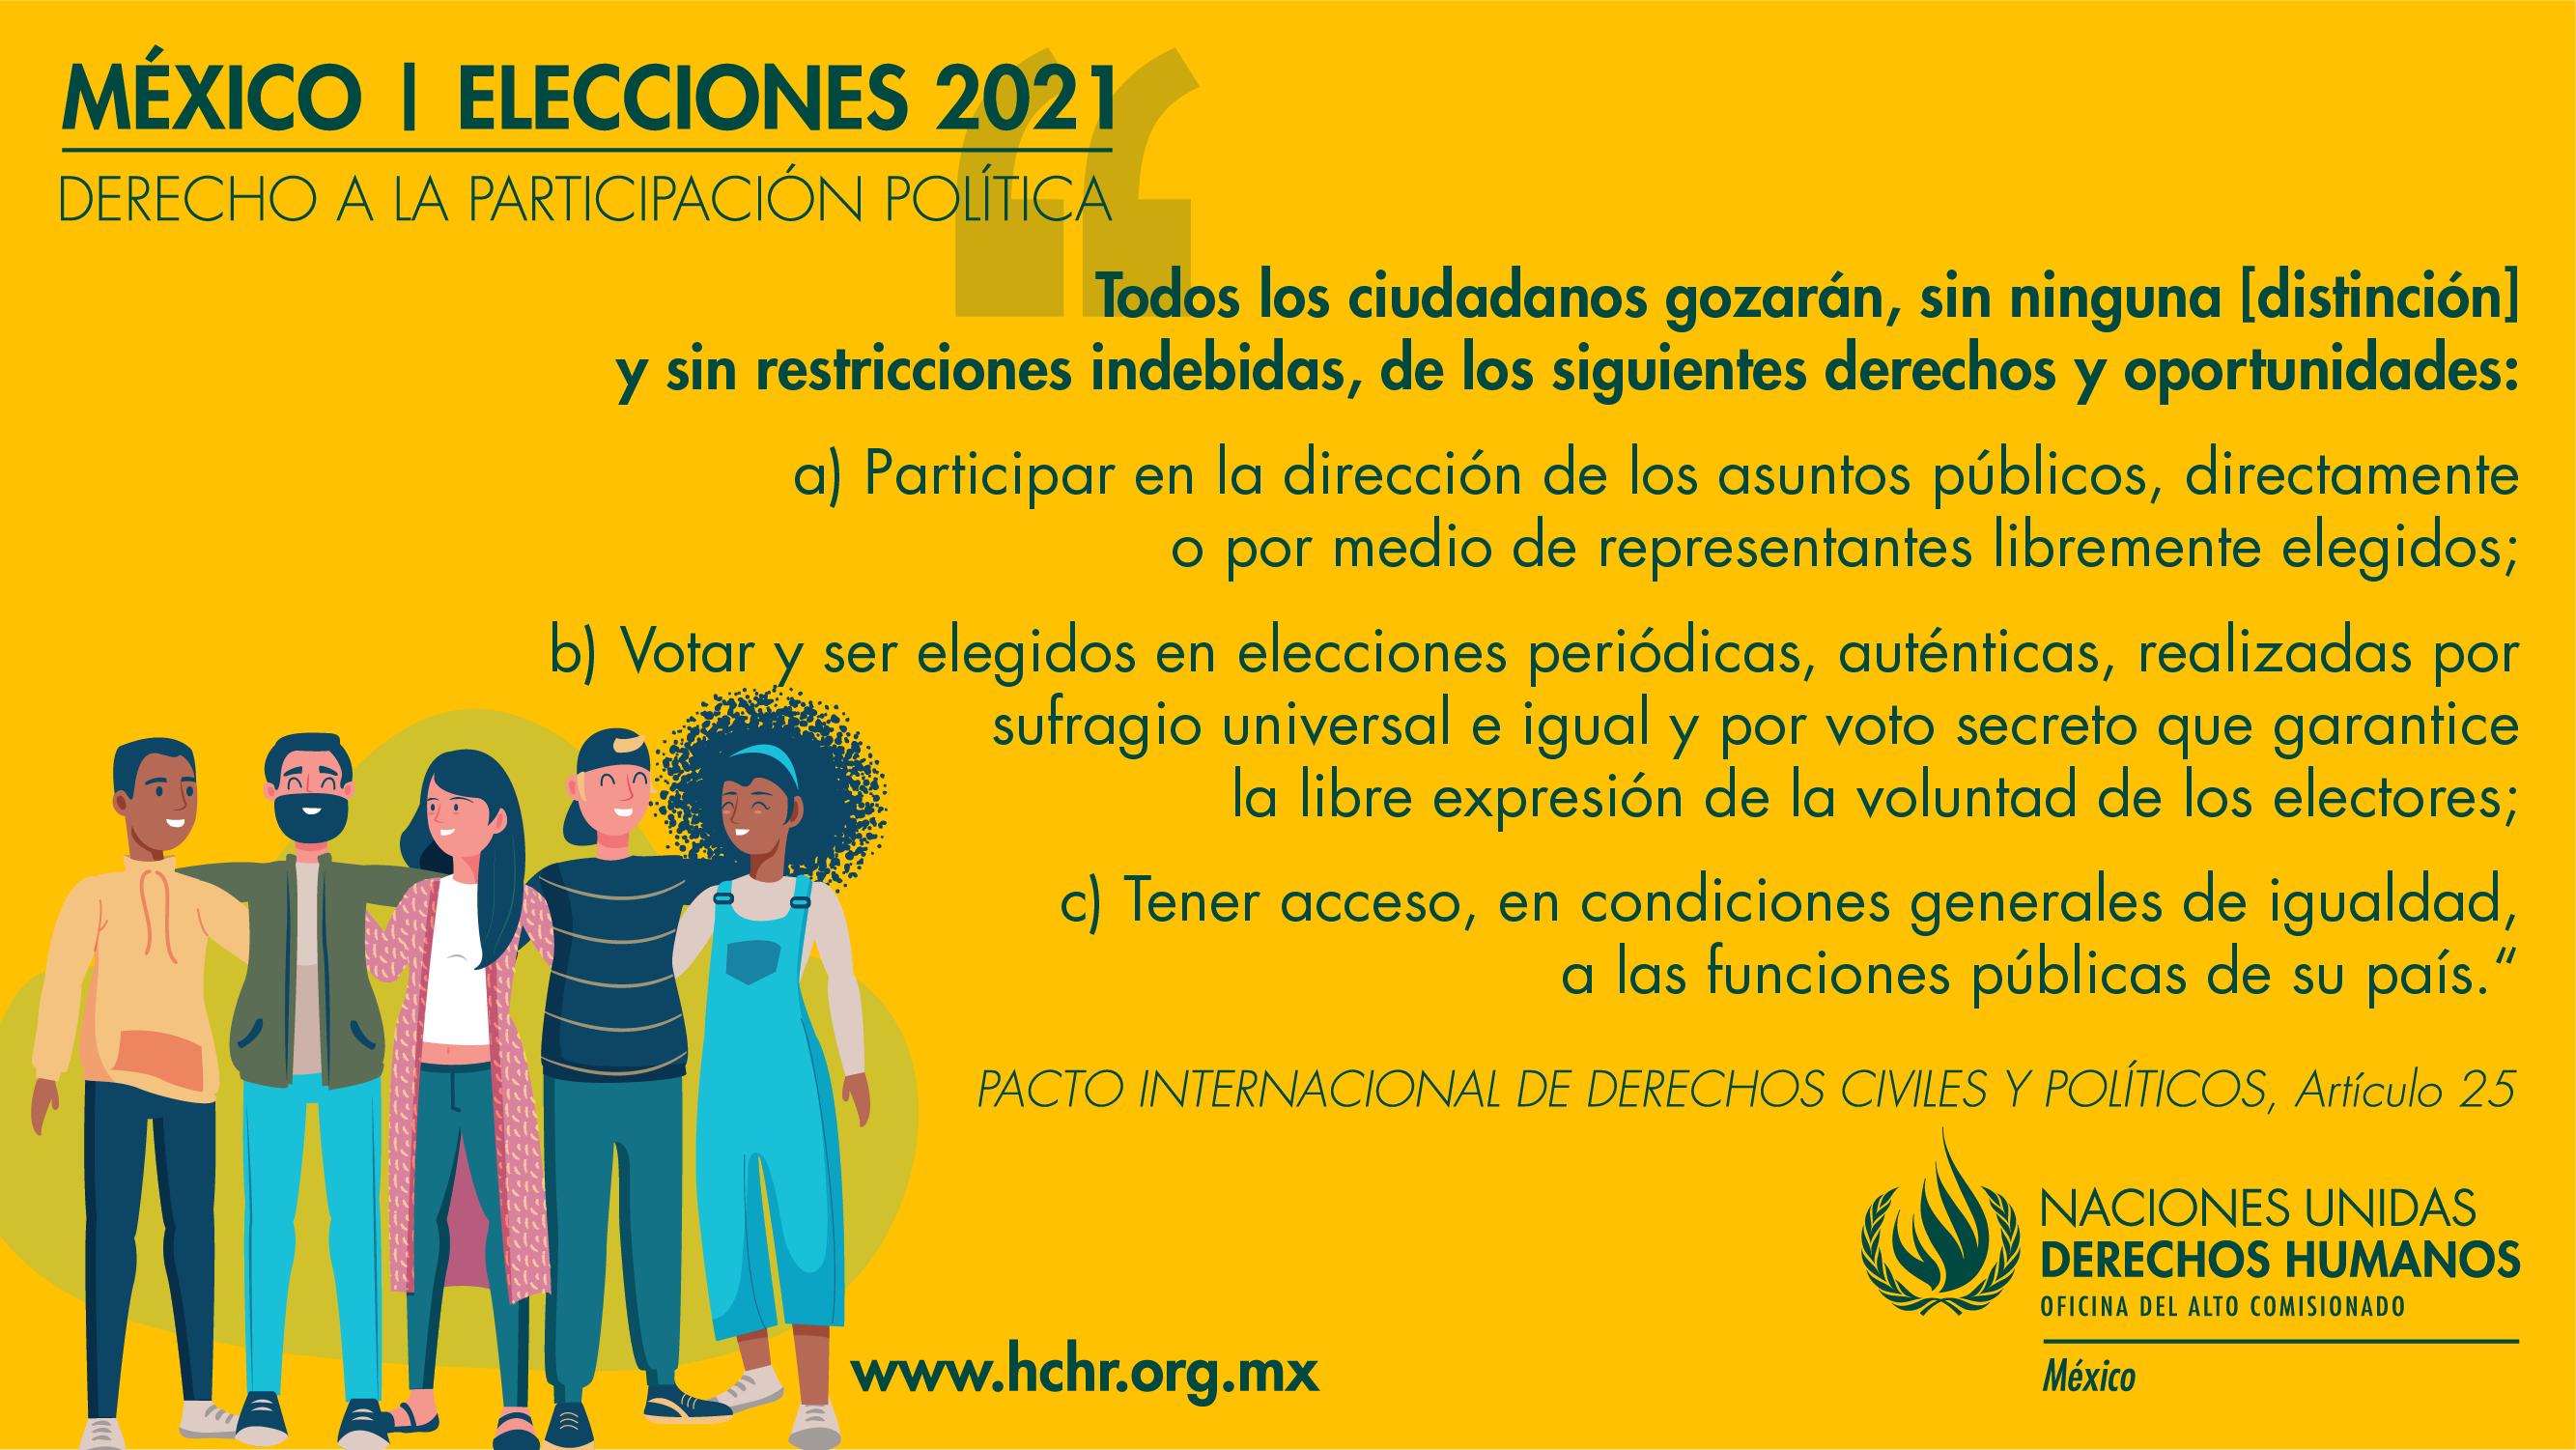 YA_Postales_EstándaresDH_Elecciones_Mesa de trabajo 1 copia